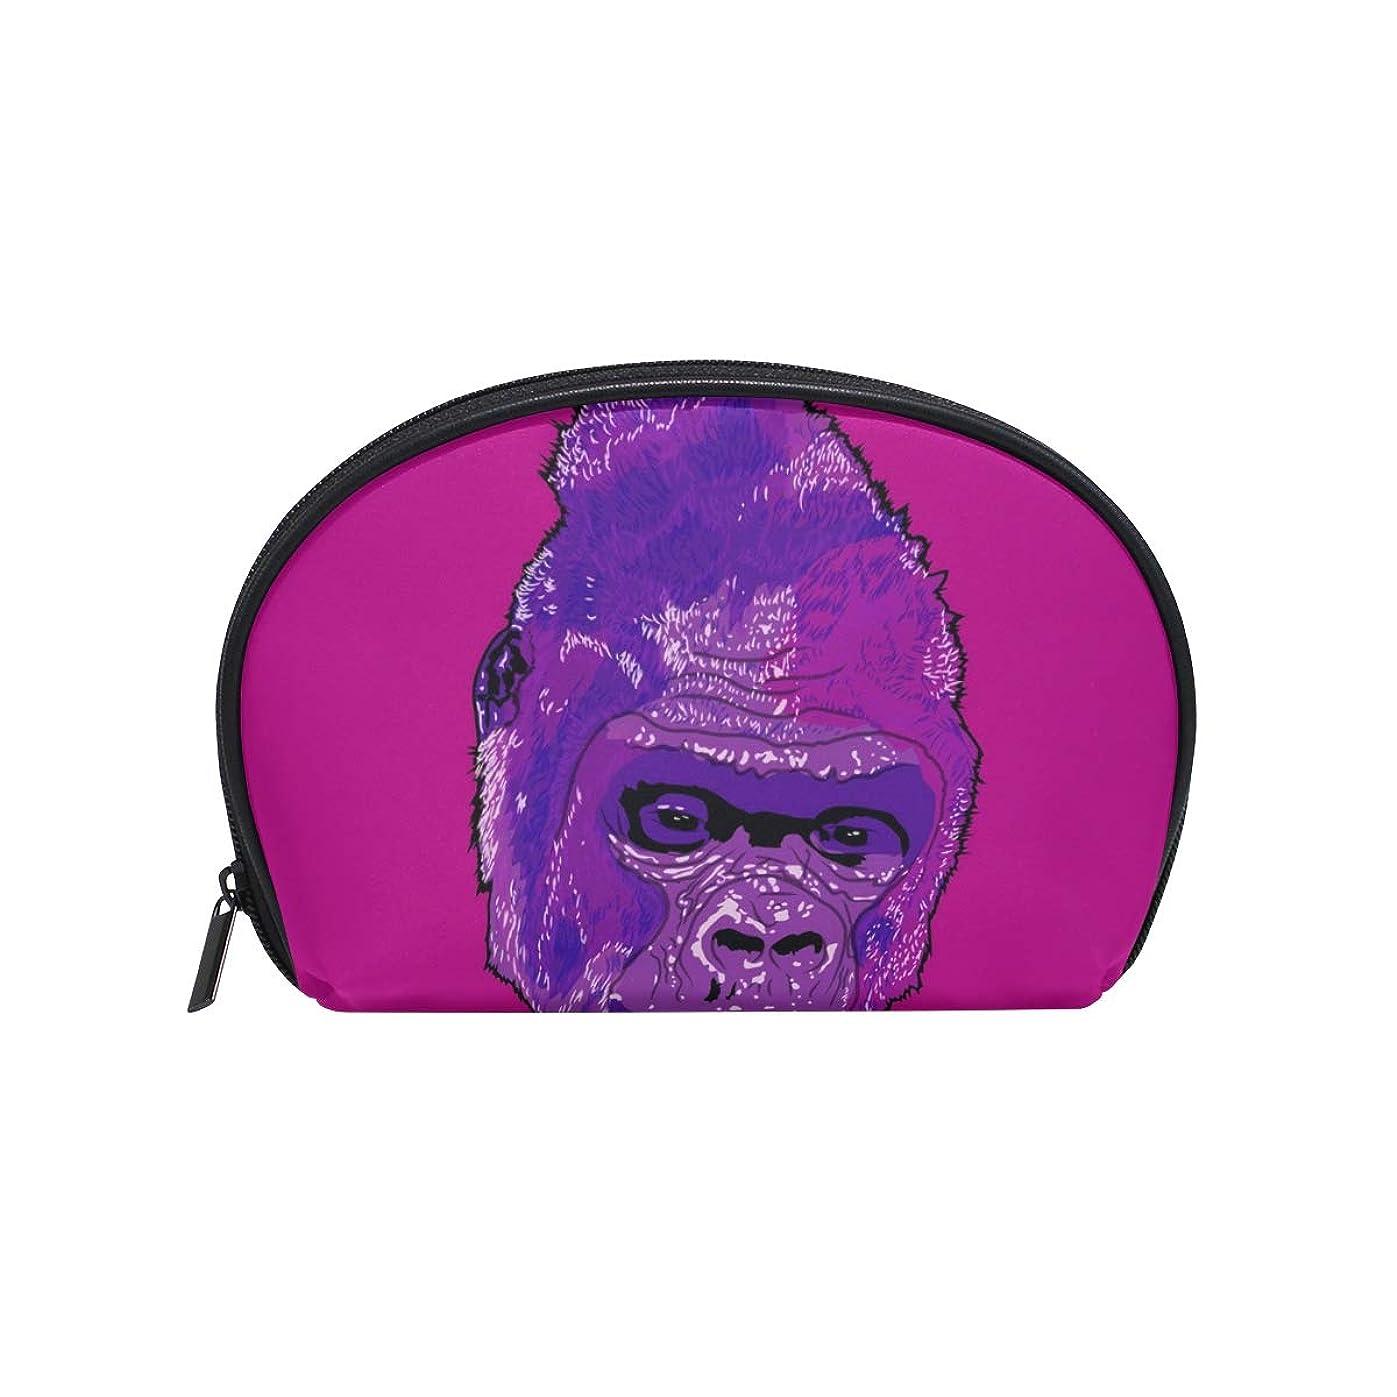 緯度政策曲半月型 ゴリラ原猿 化粧ポーチ コスメポーチ コスメバッグ メイクポーチ 大容量 旅行 小物入れ